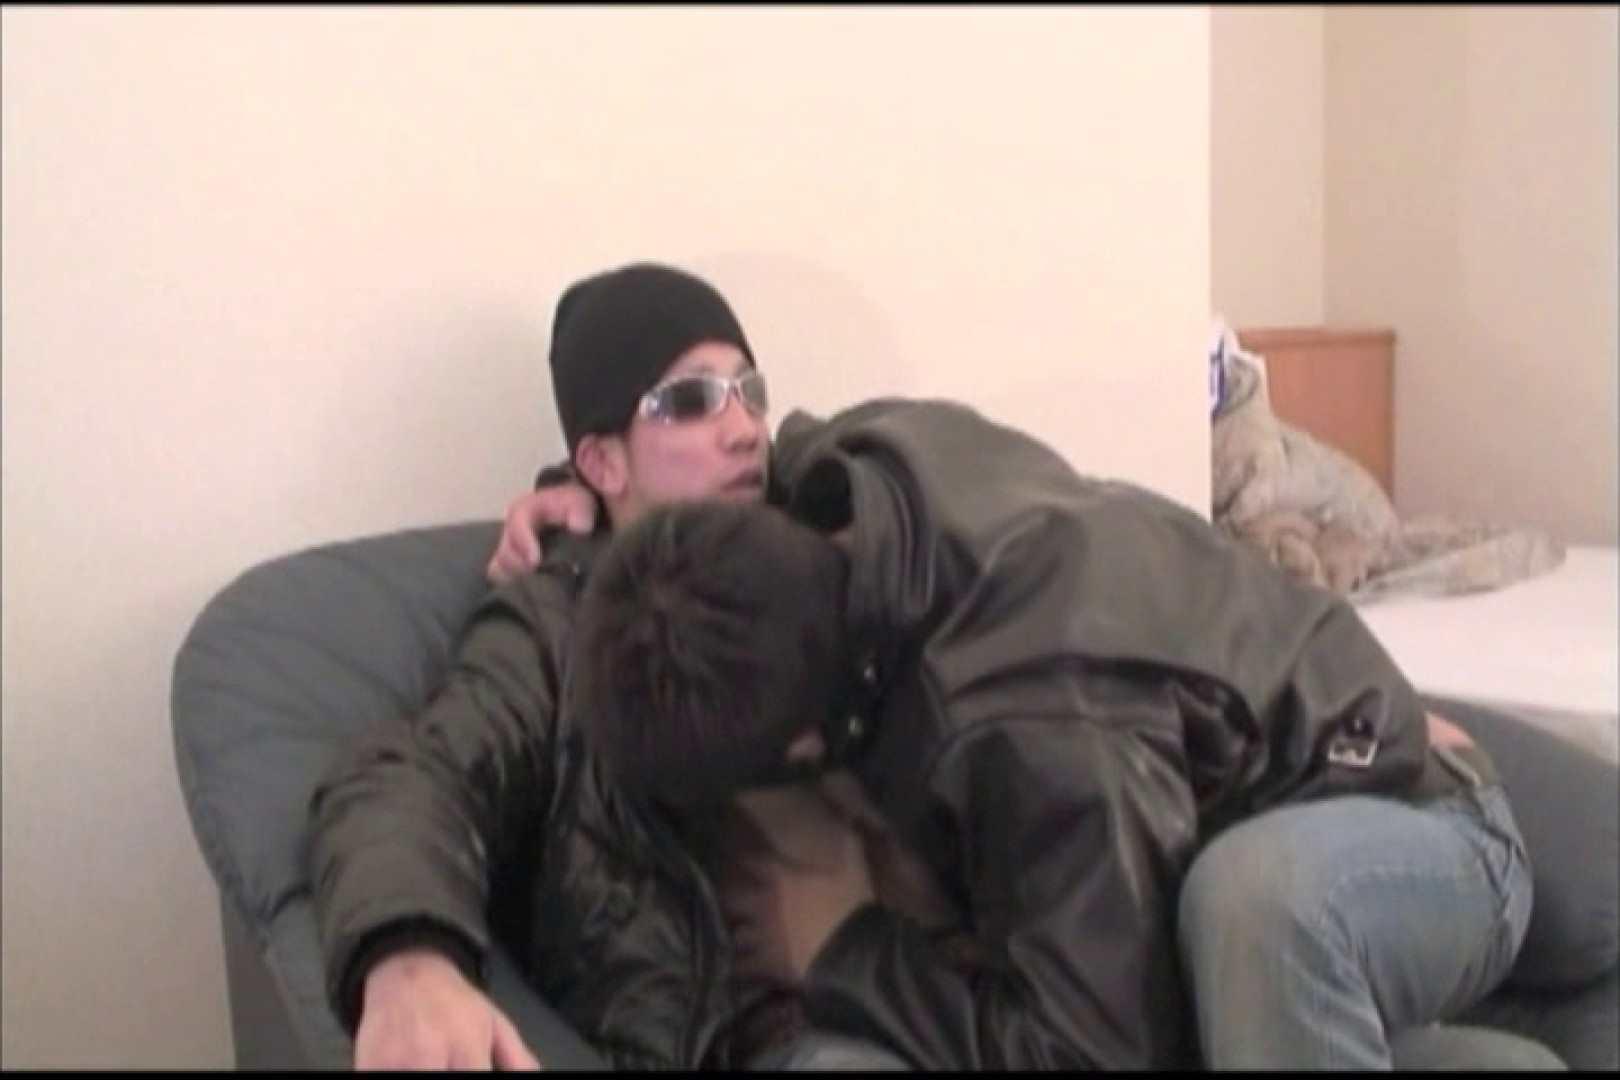 ワイルドボーイ二人組、仲が良すぎて・・・。 ゲイのプレイ ゲイエロ動画 98枚 34